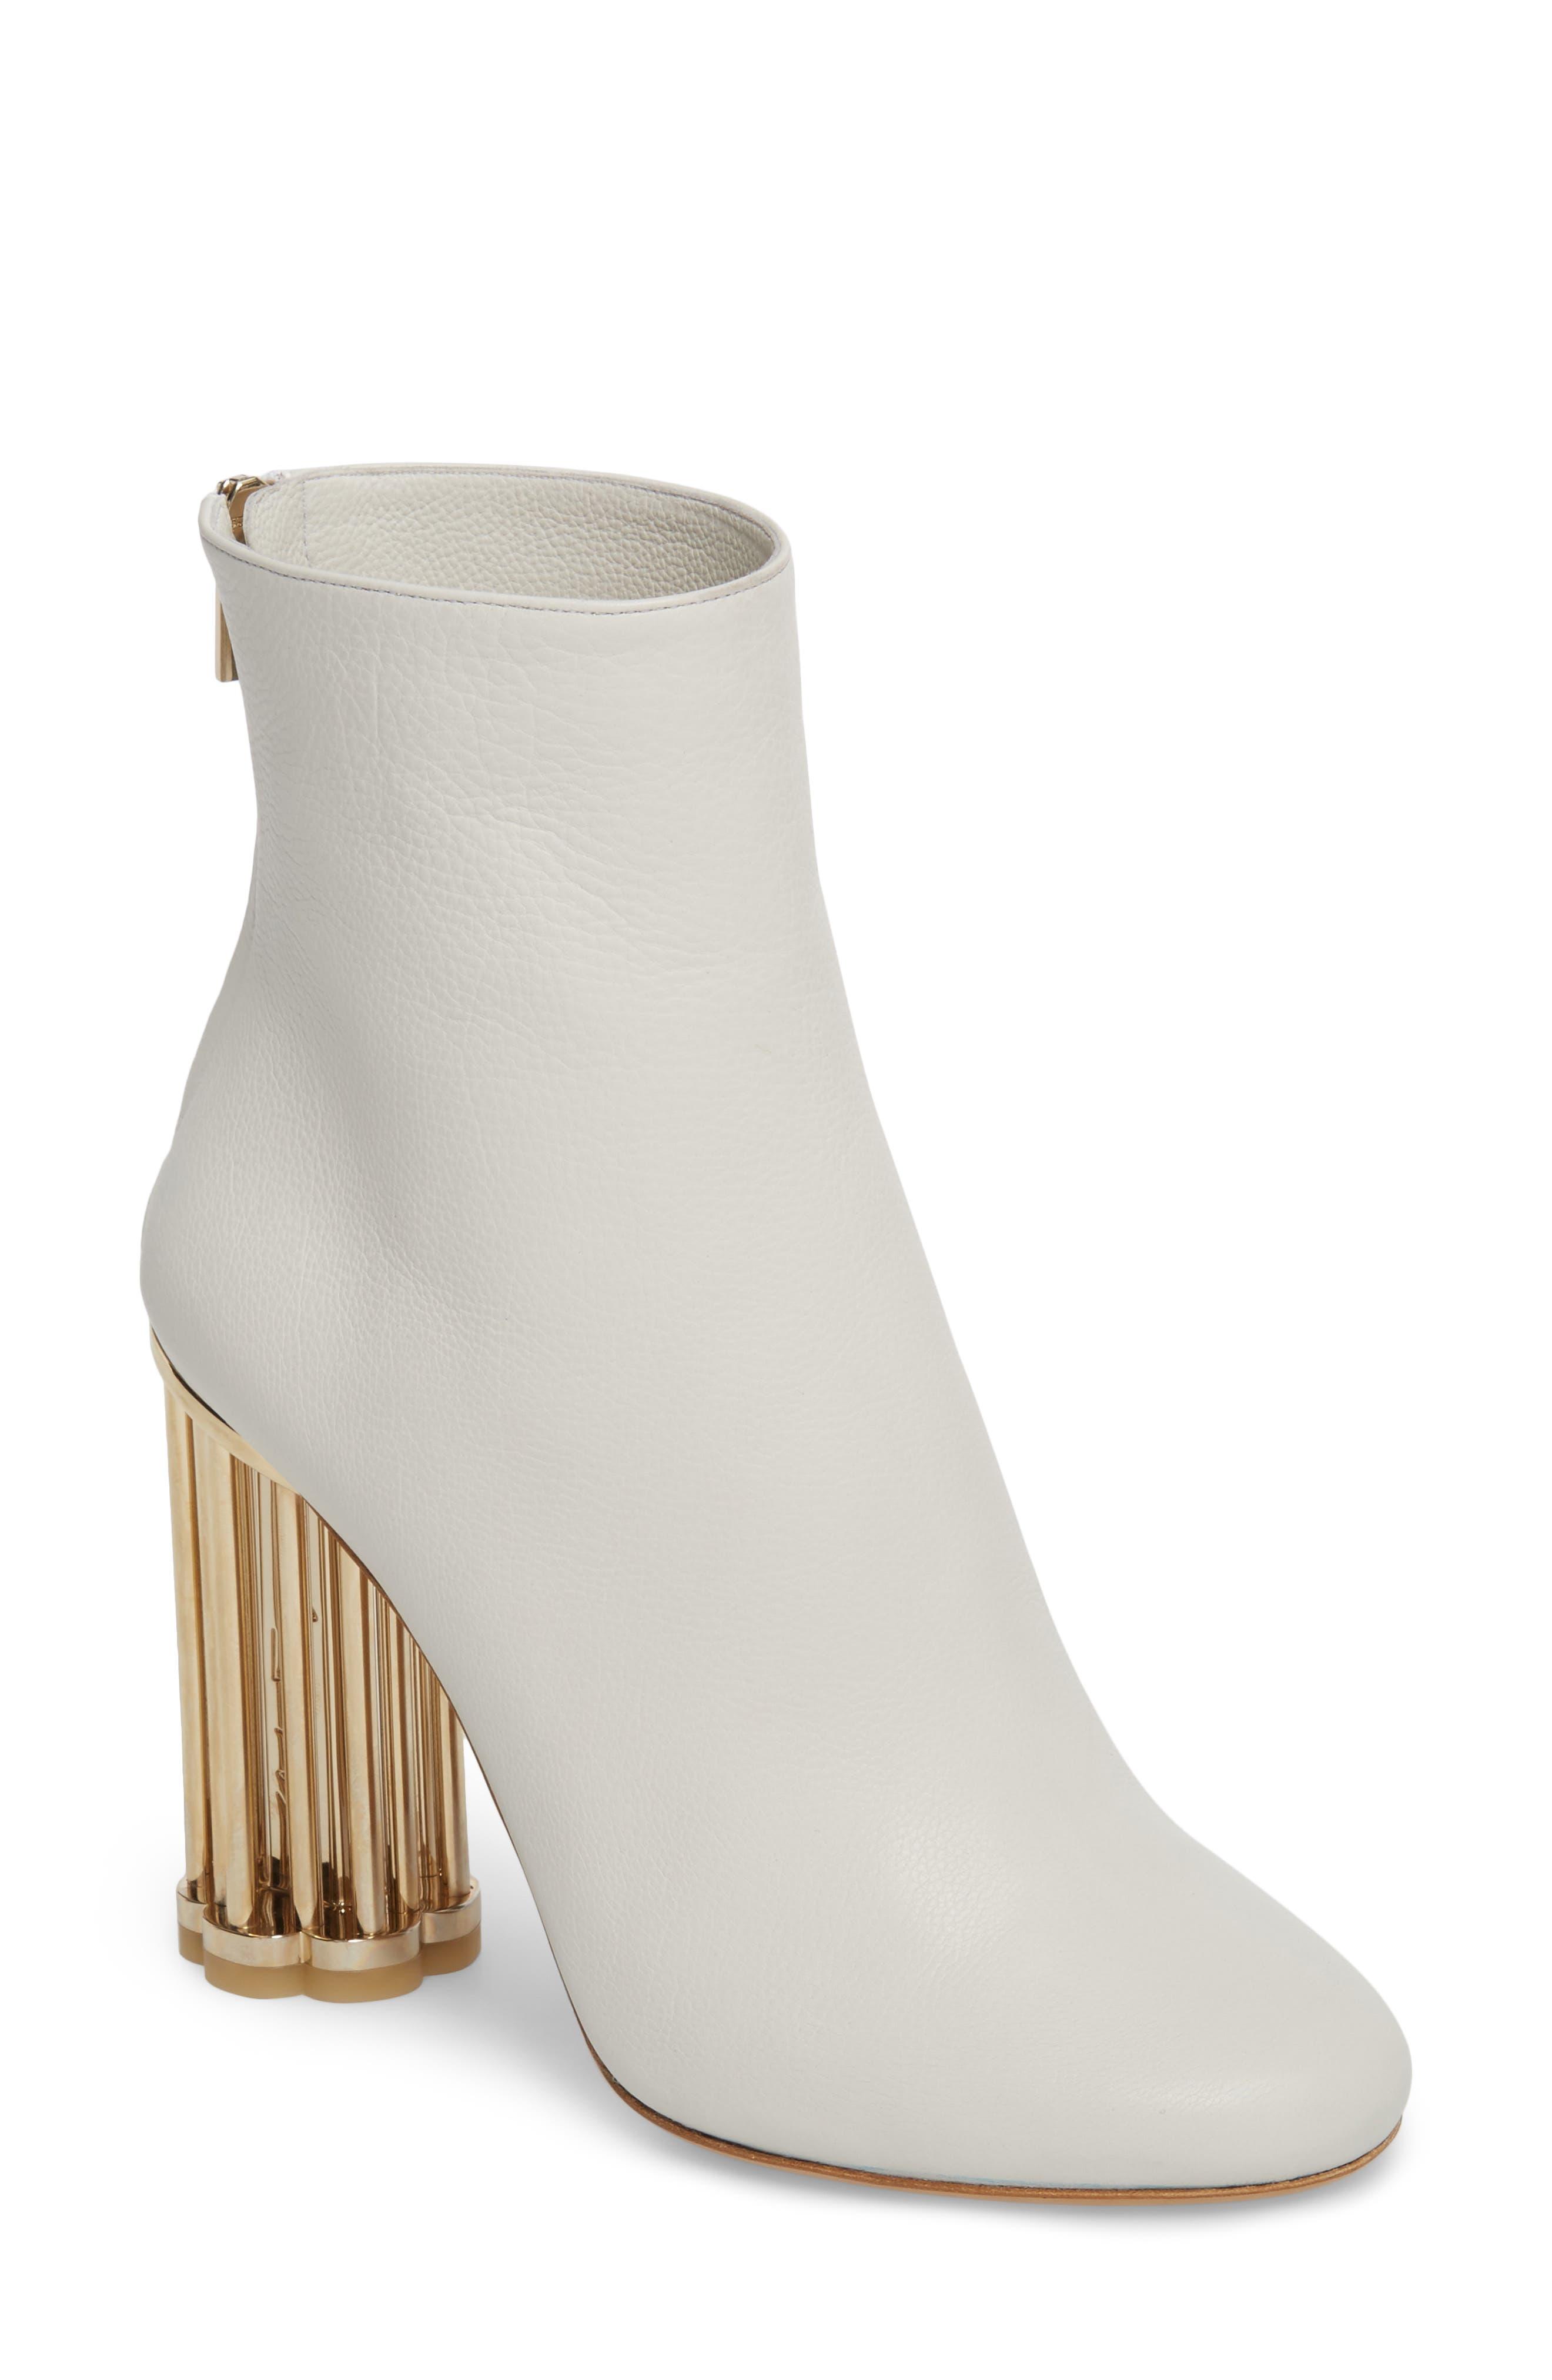 Alternate Image 1 Selected - Salvatore Ferragamo Coriano Statement Heel Bootie (Women)